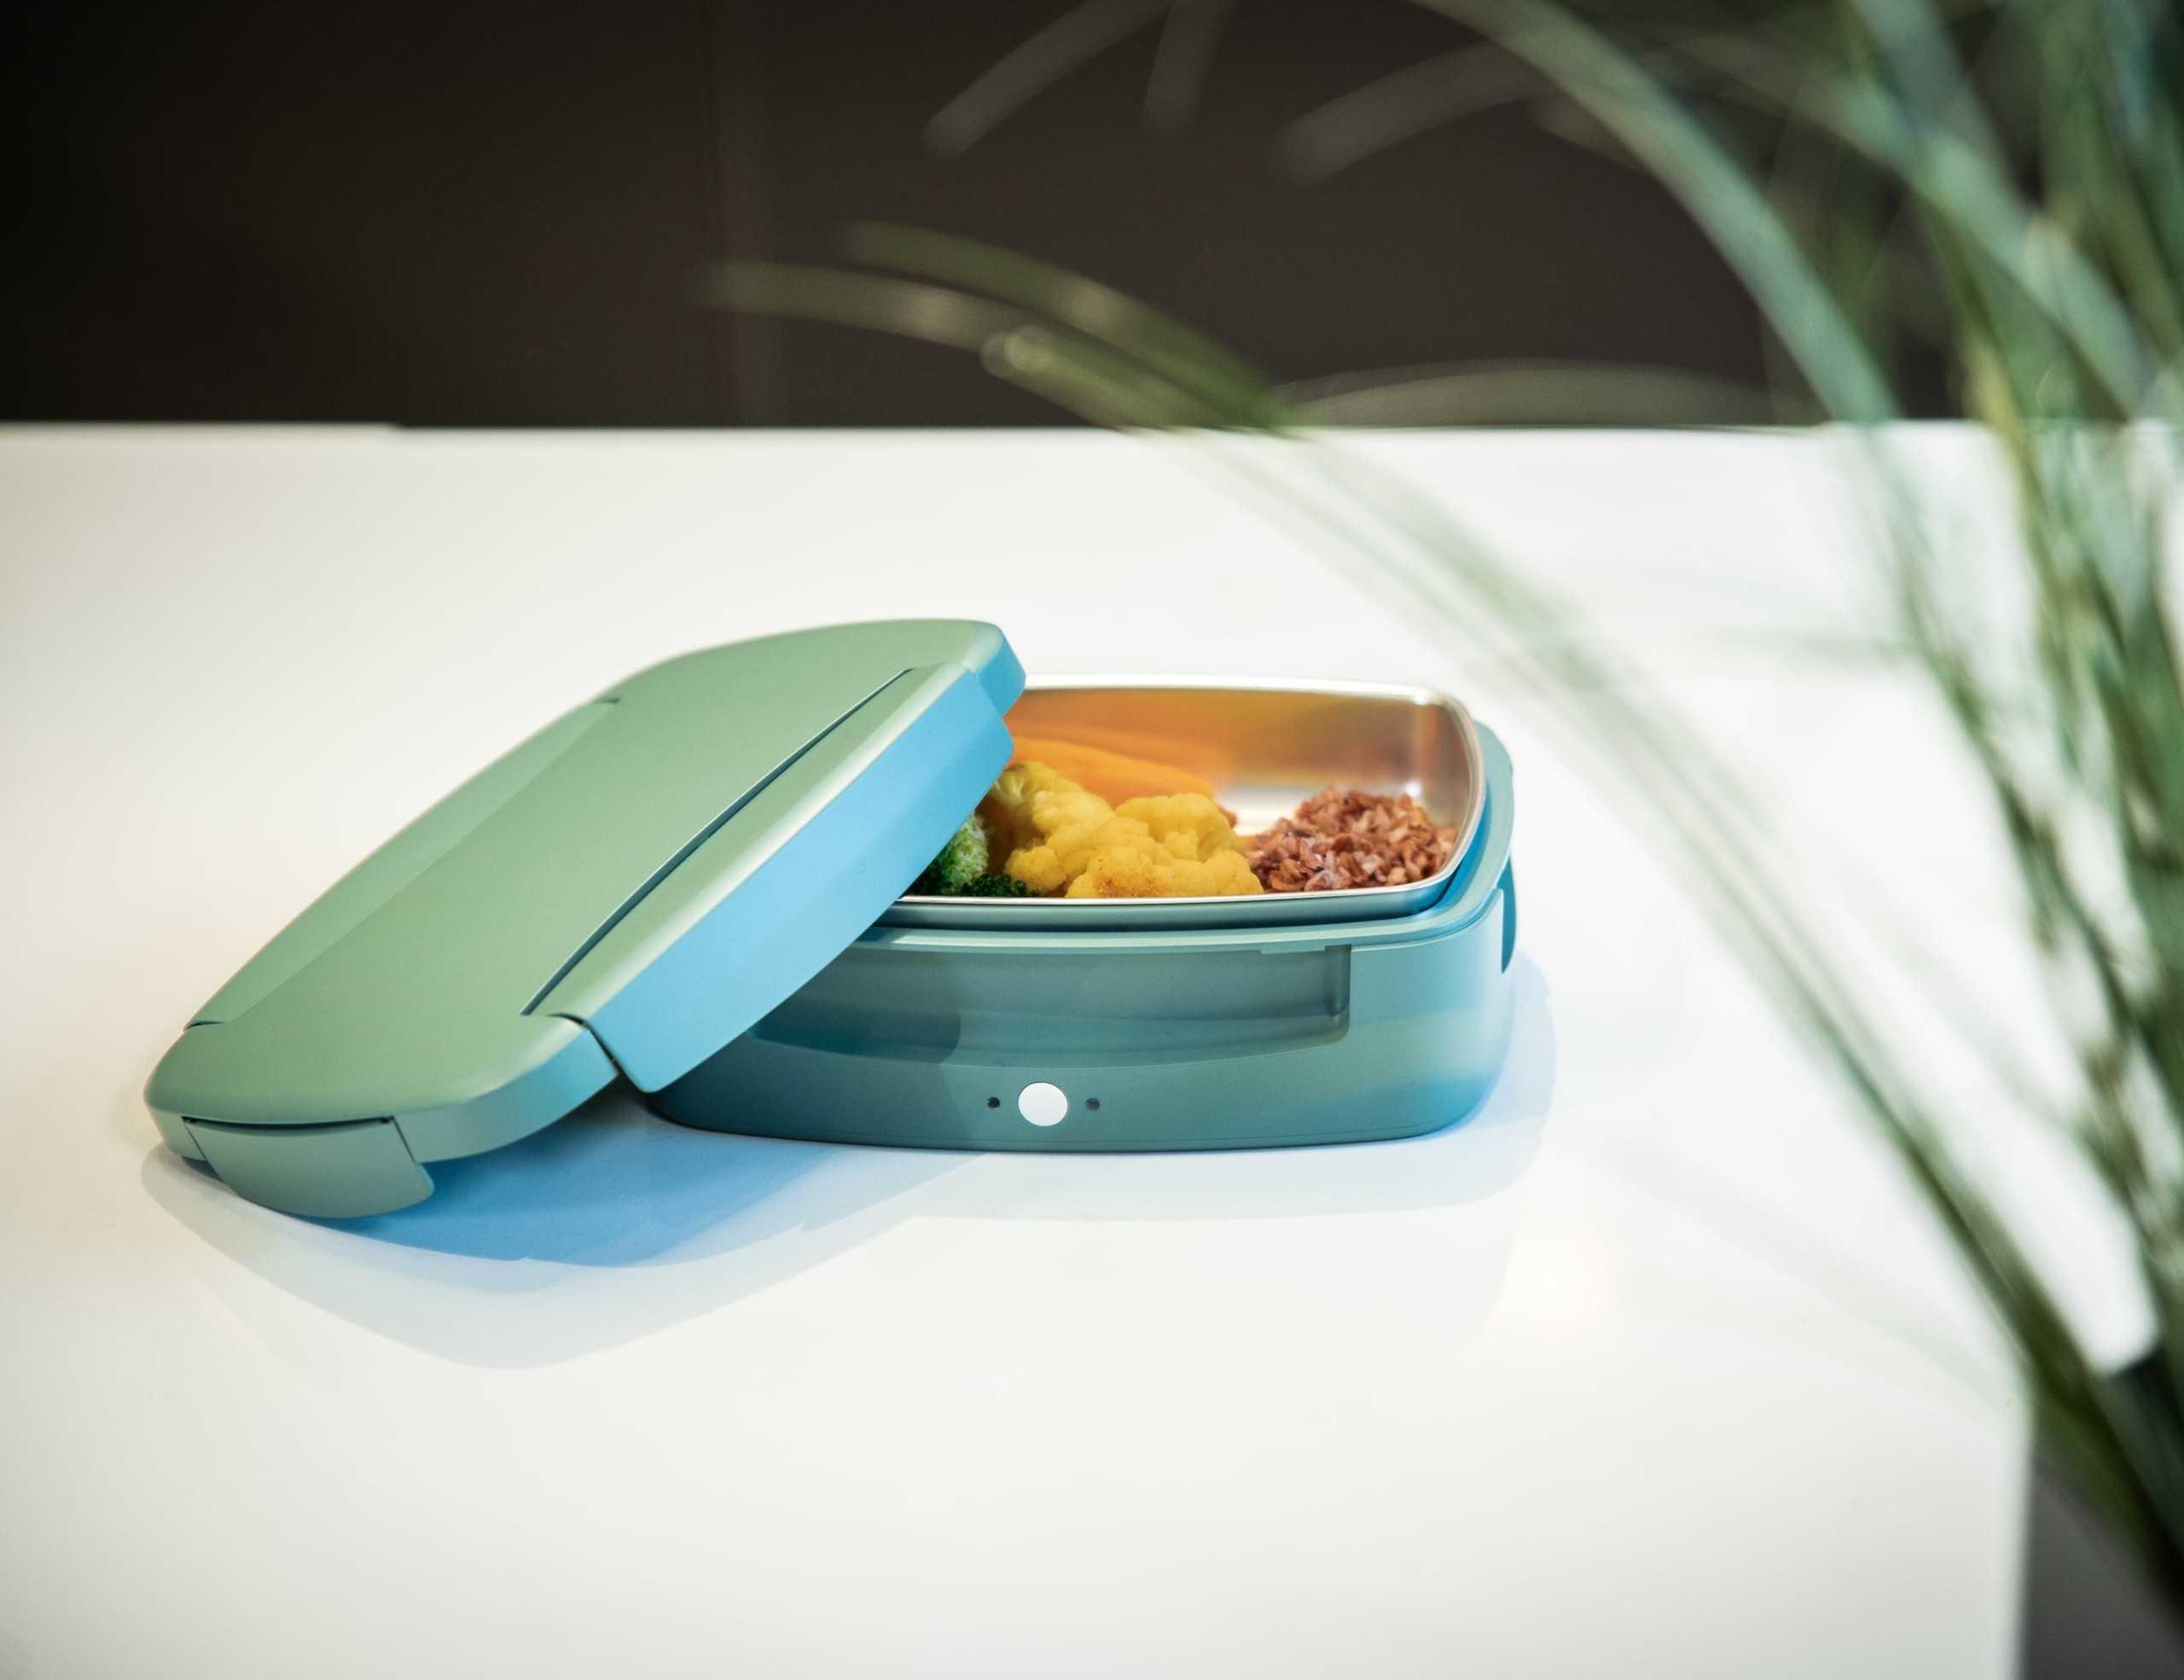 Компания Steasy решила проявить креатив во всех его смыслах Представлена новая компактная то-ли микроволновка то-ли ланчбокс но электрический – решайте сами